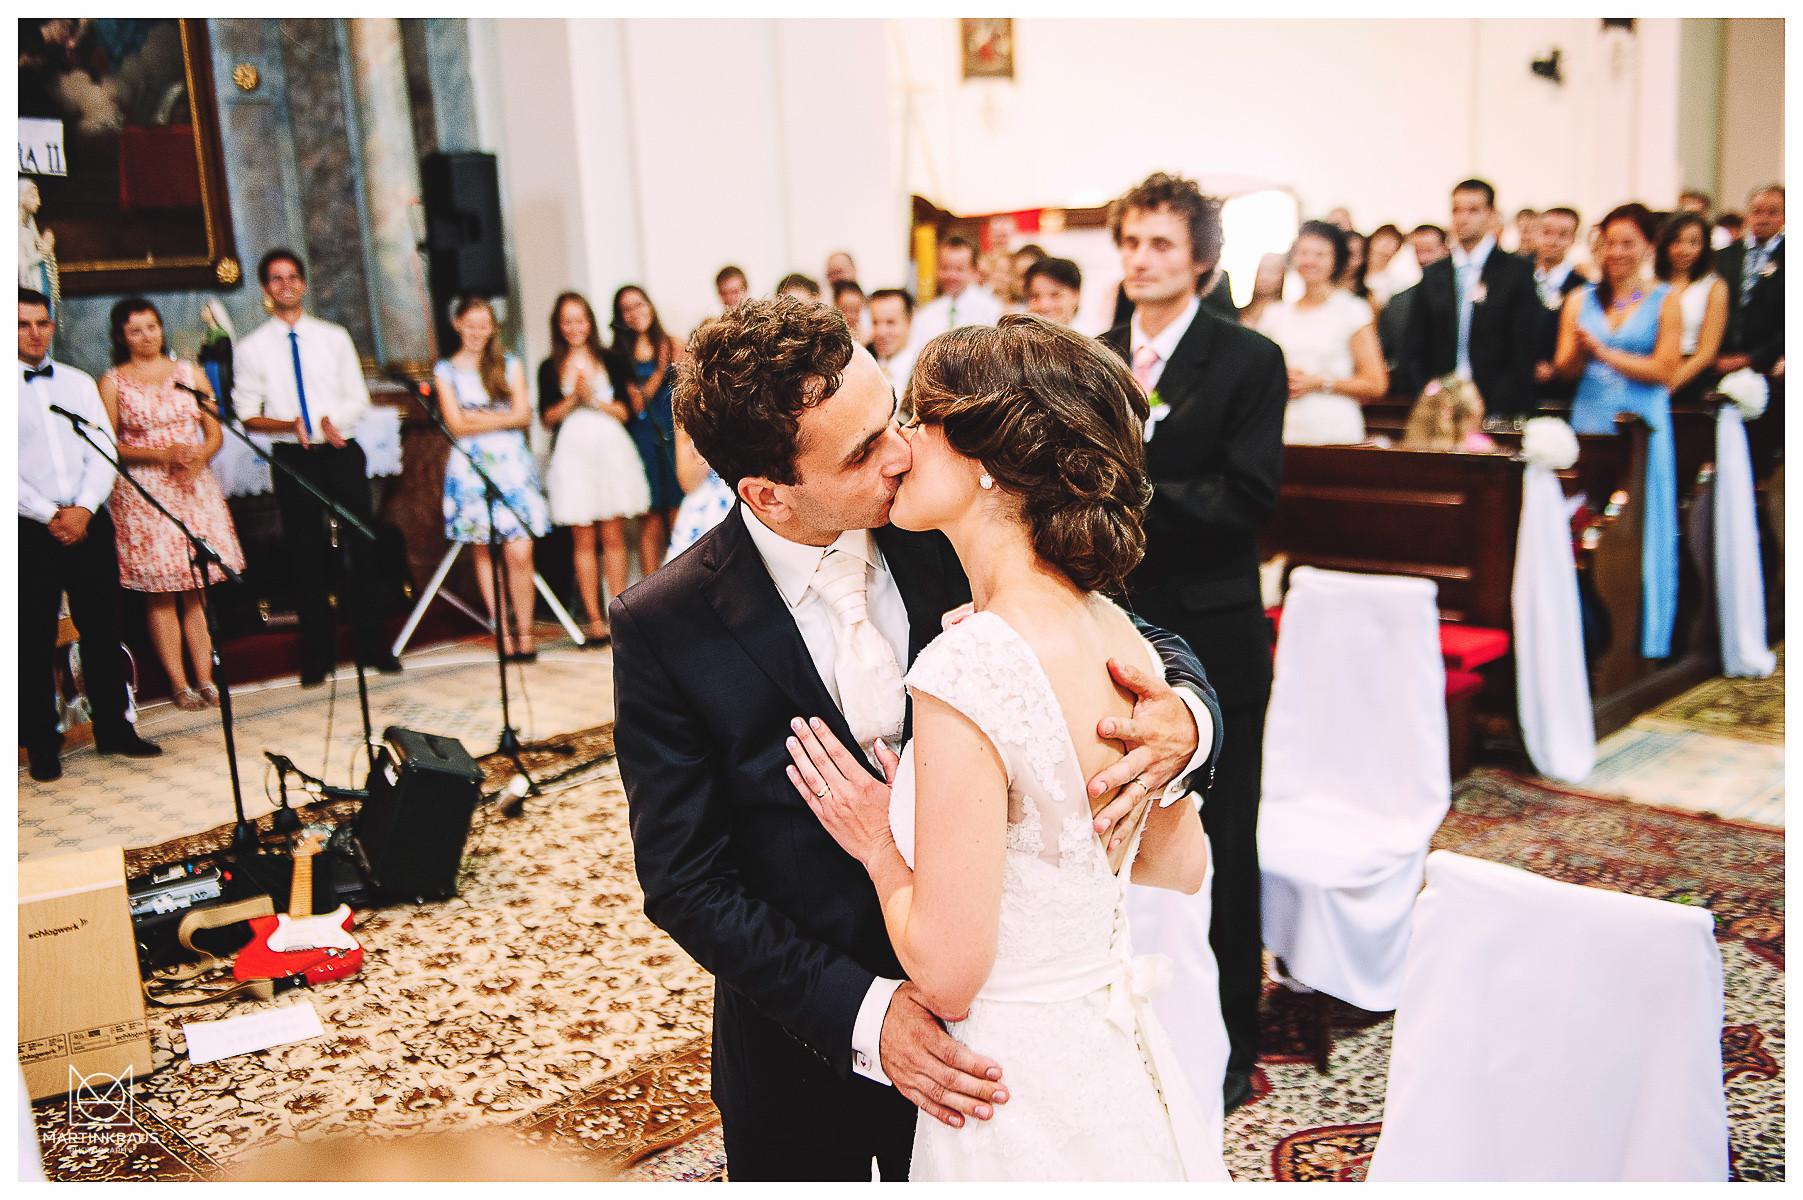 Elenka_&_Vladko_kolaz035.jpg